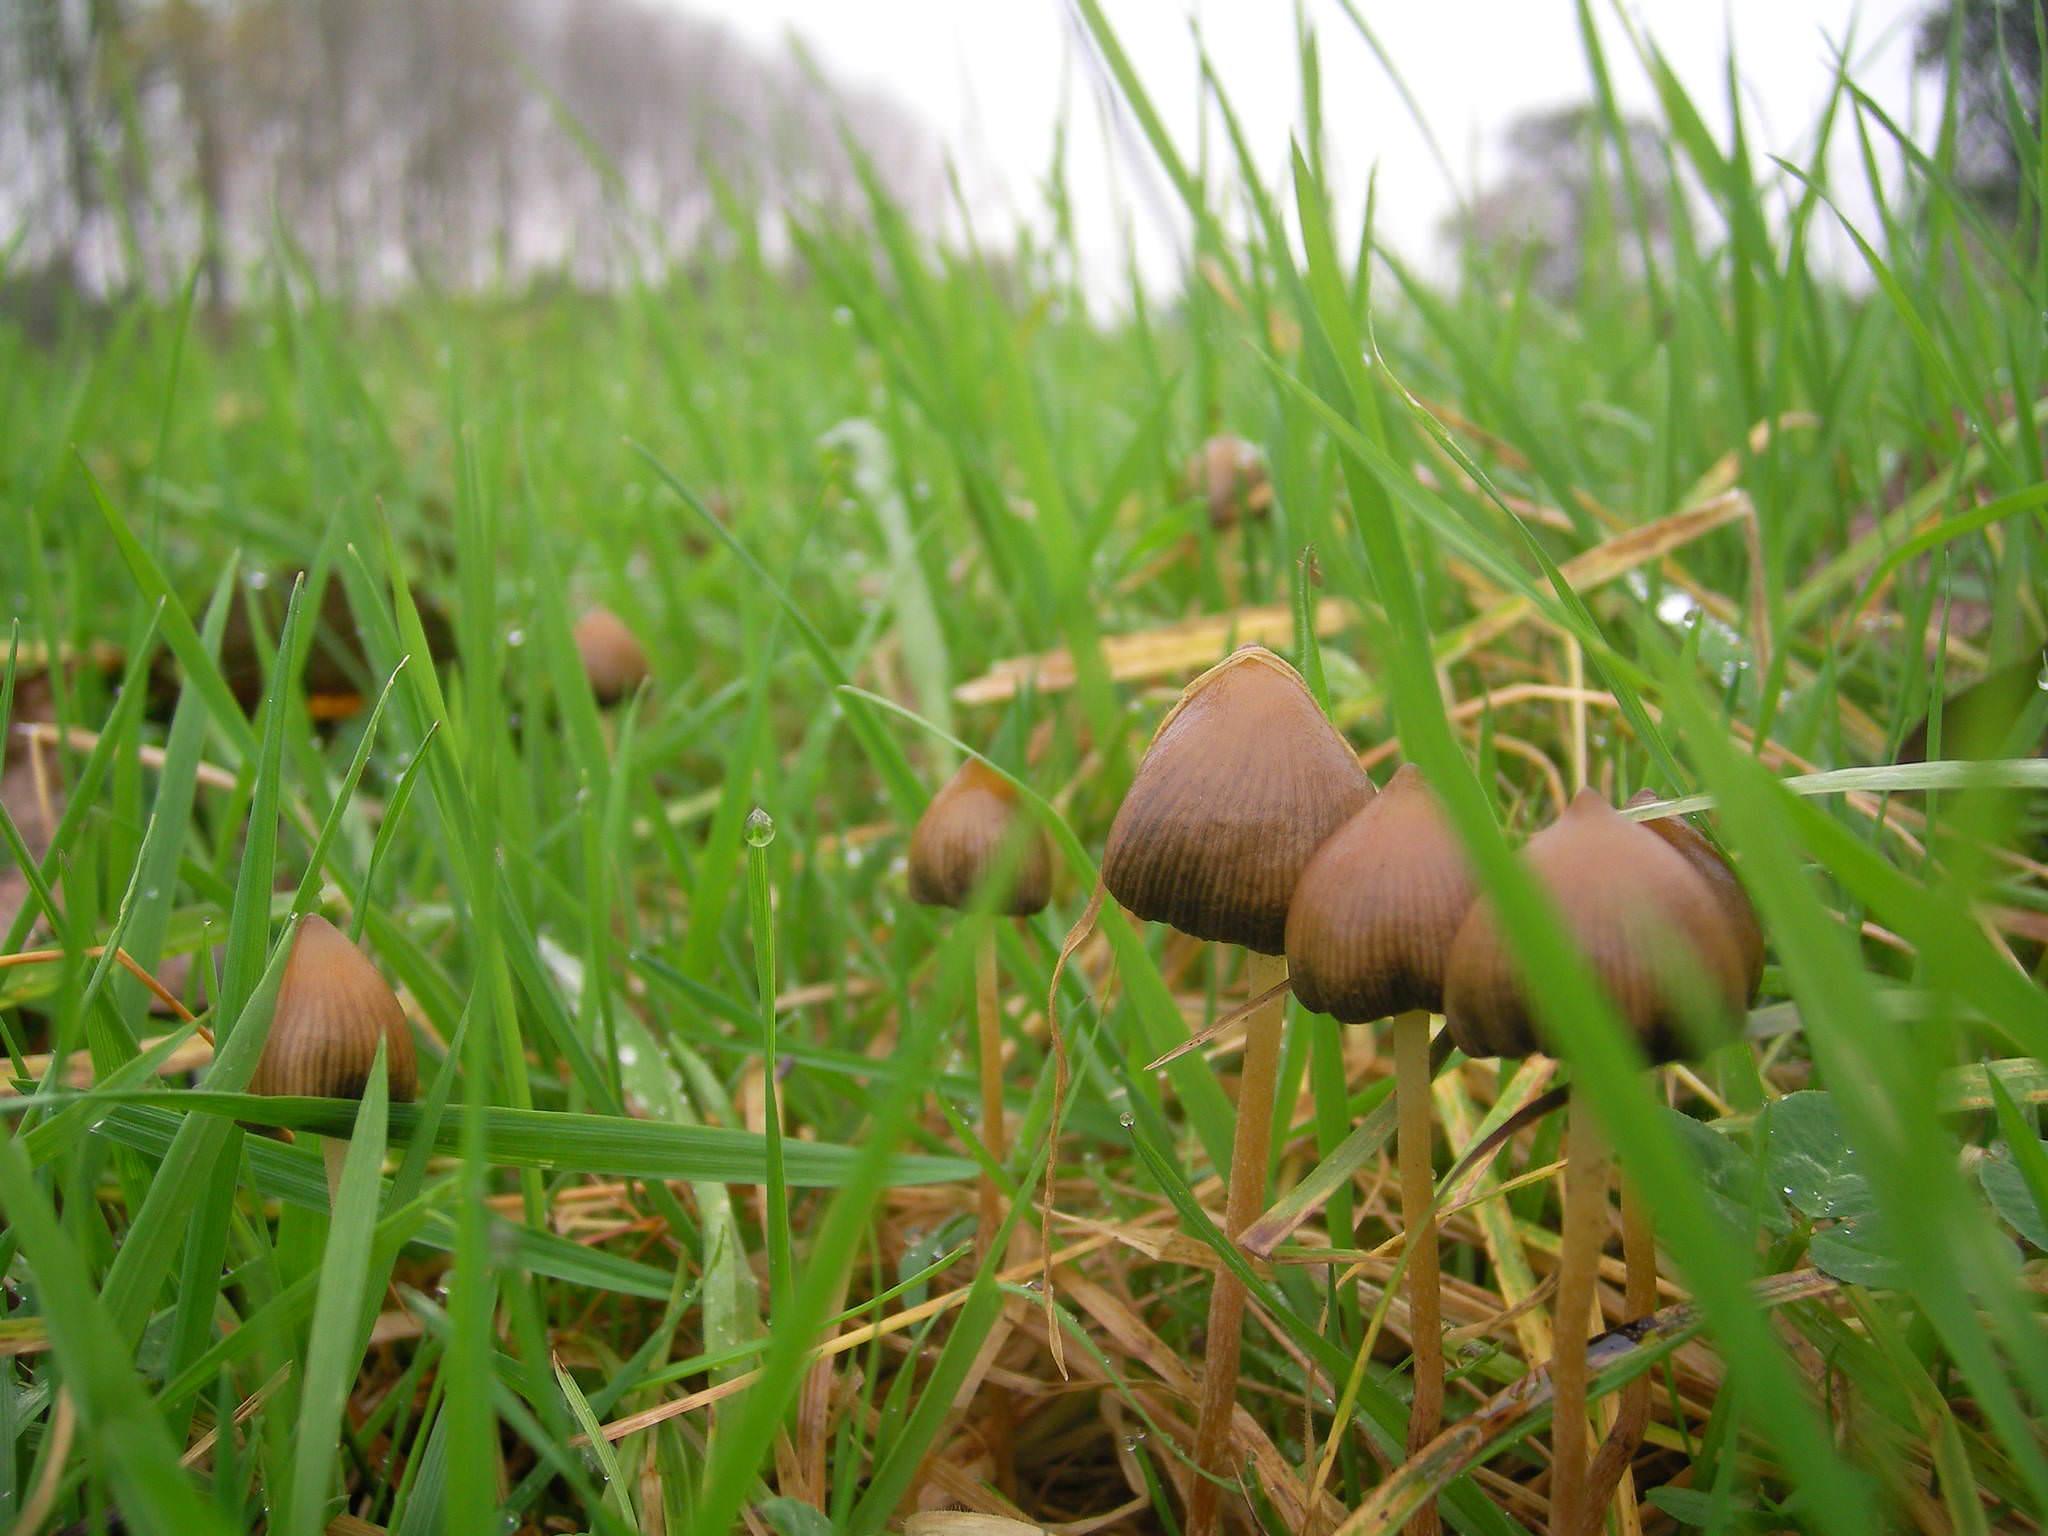 Псилоцибе сосочковидная (полуланцетовидная): внешний вид и свойства опасного гриба